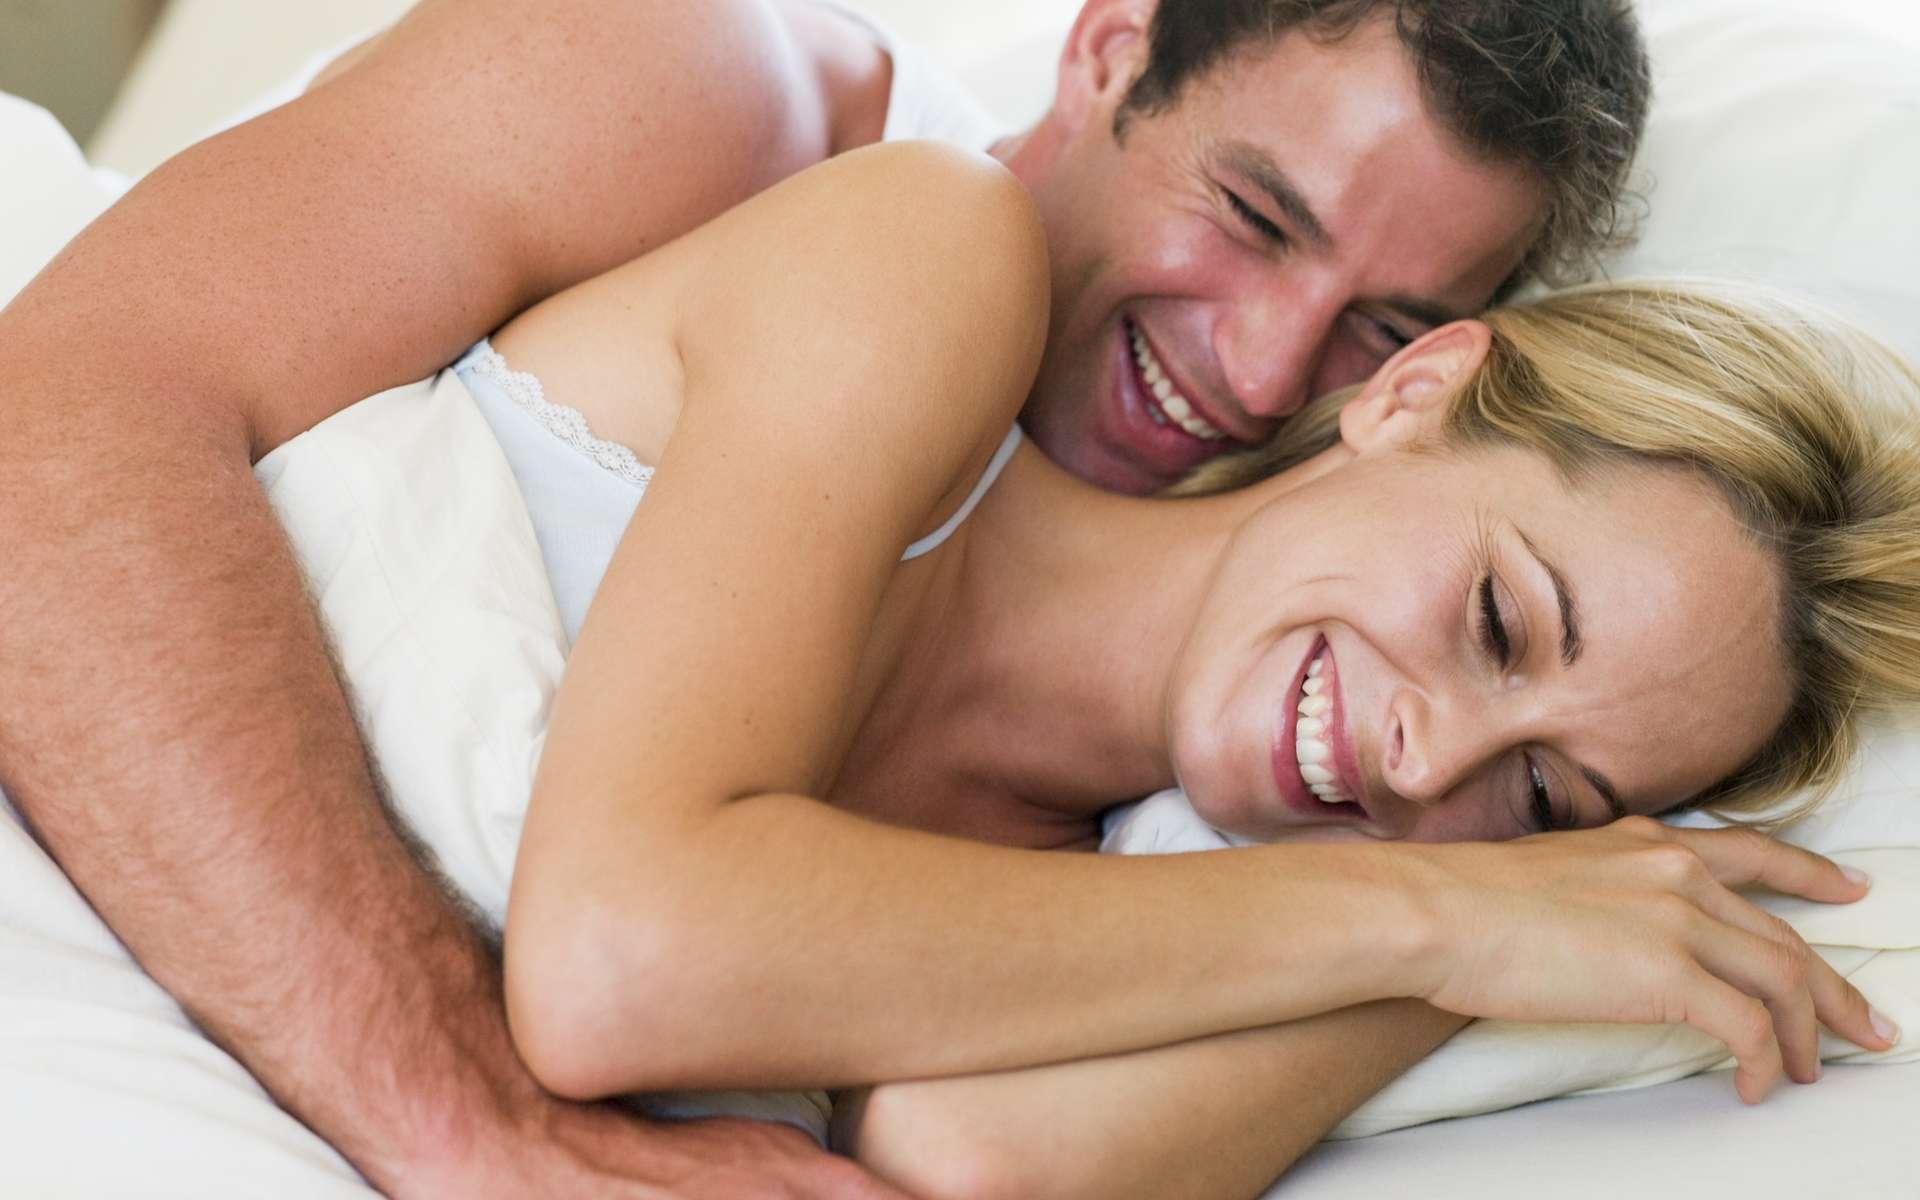 La testostérone est l'hormone clé du désir chez l'homme. Chez la femme aussi mais les œstrogènes influenceraient également la libido. Les scientifiques distinguent le désir sexuel « spontané », en relation avec des stimuli affectifs, fantasmatiques et cognitifs et le désir sexuel « réactif », en réponse à l'excitation physique. © Phovoir